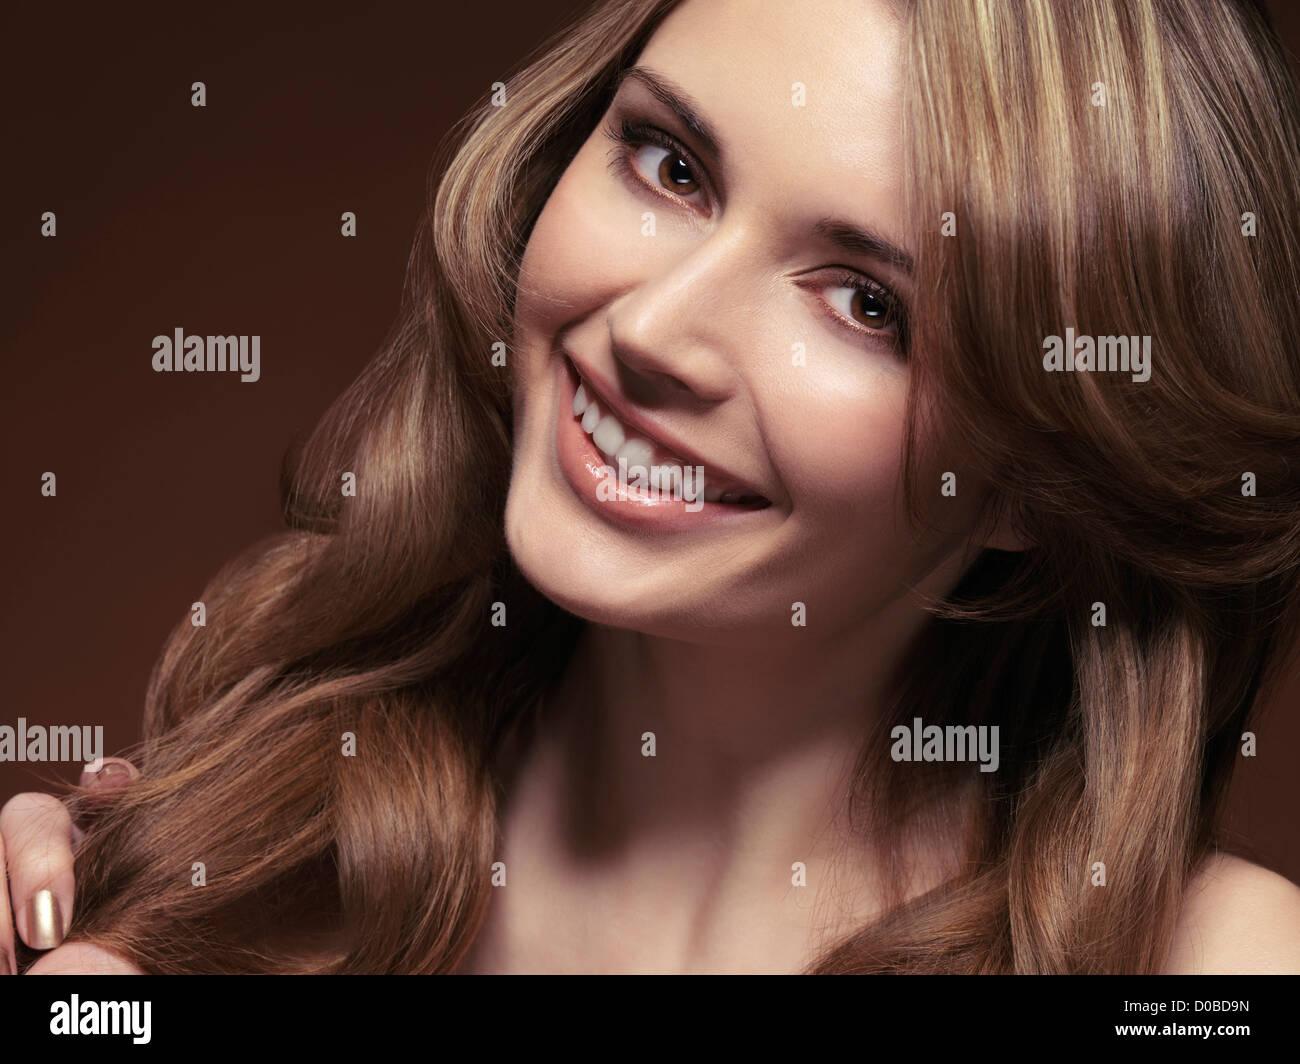 Belleza retrato de una mujer sonriente con hermoso cabello marrón claro Foto de stock